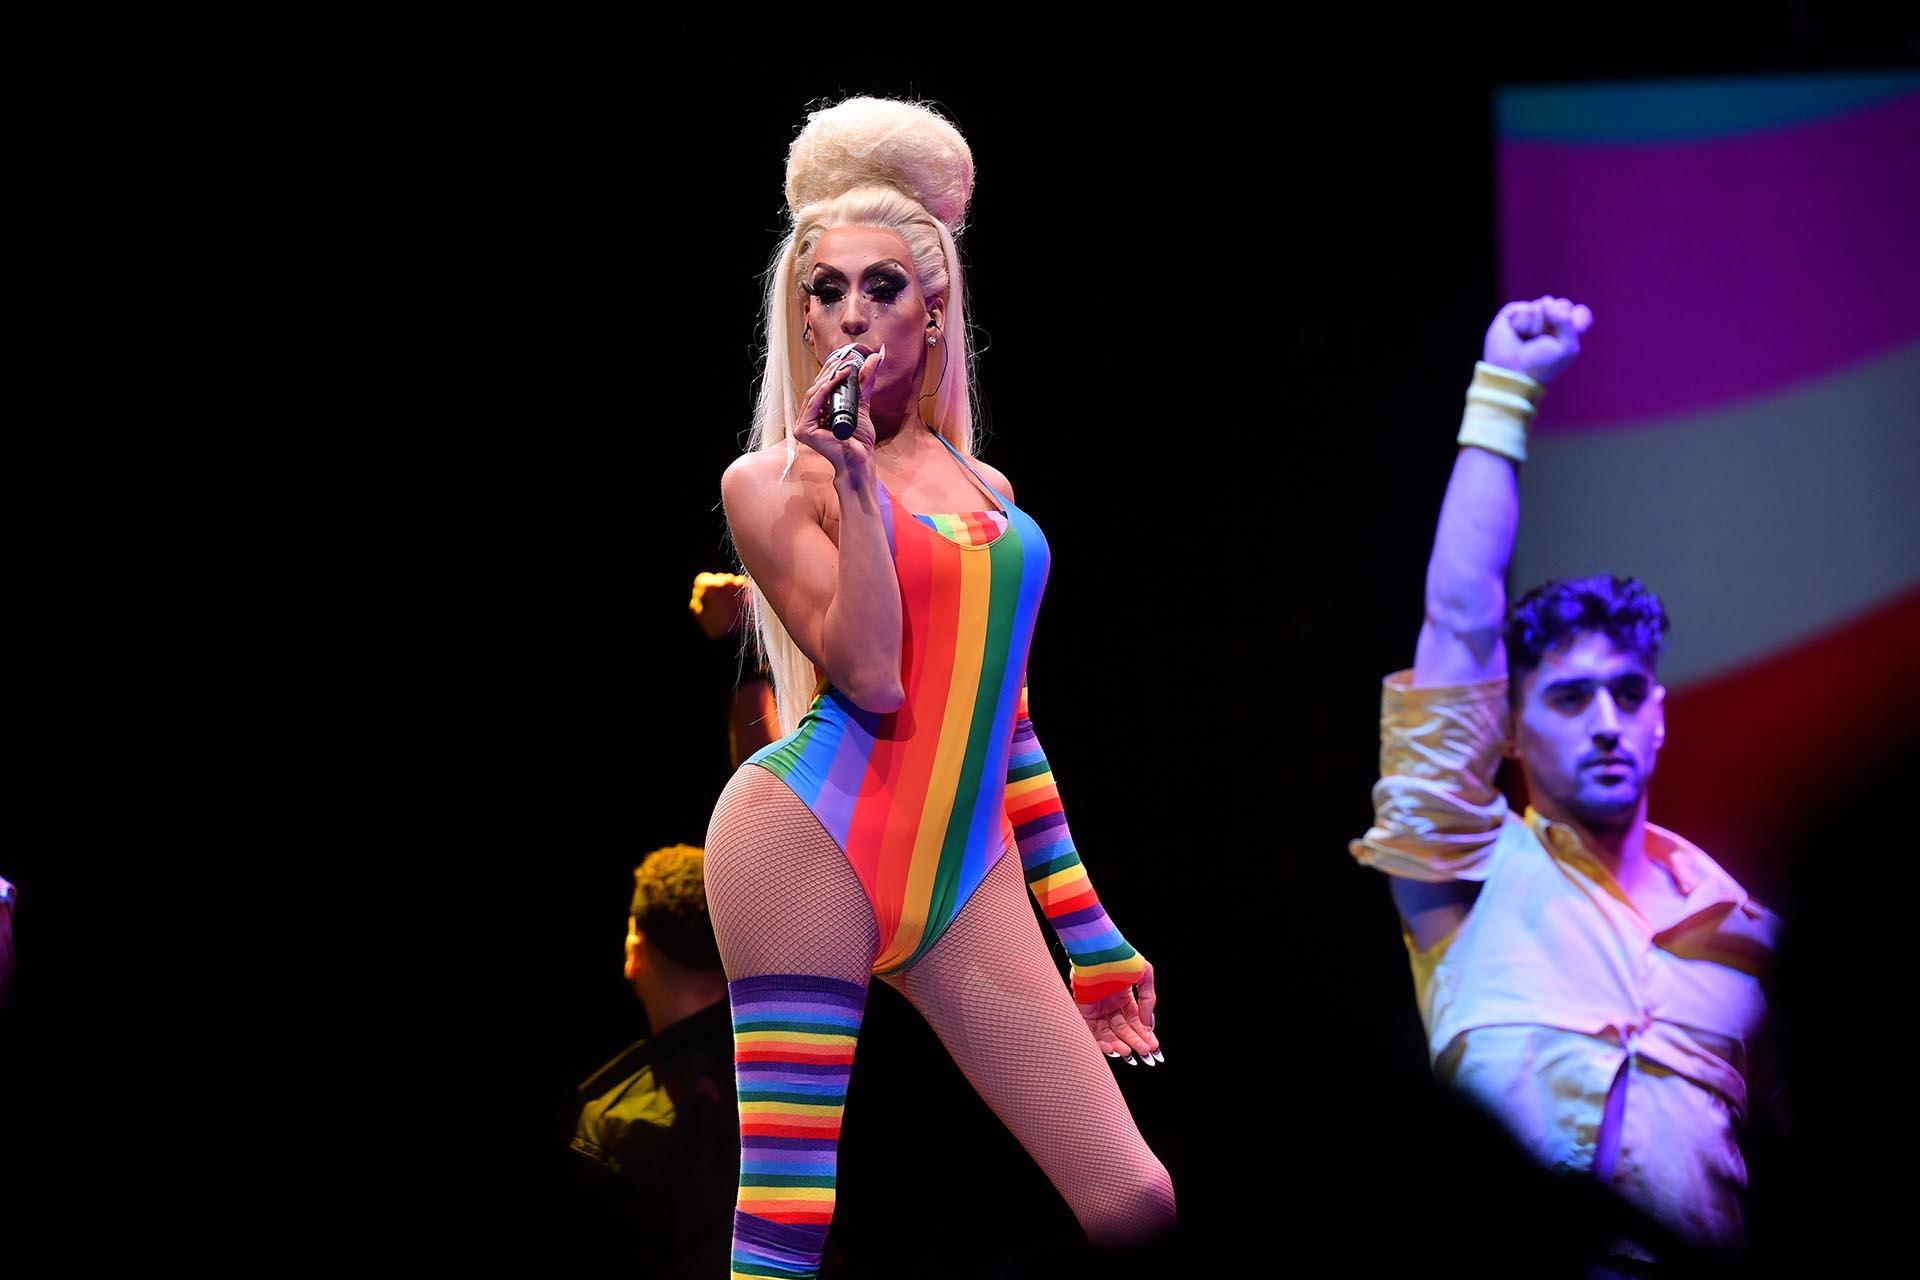 Alaska Thunderfuck brilló con su performance en el escenario durante la apertura del WorldPride 2019 en el Barclays Center de Brooklyn en Nueva York el 26 de junio